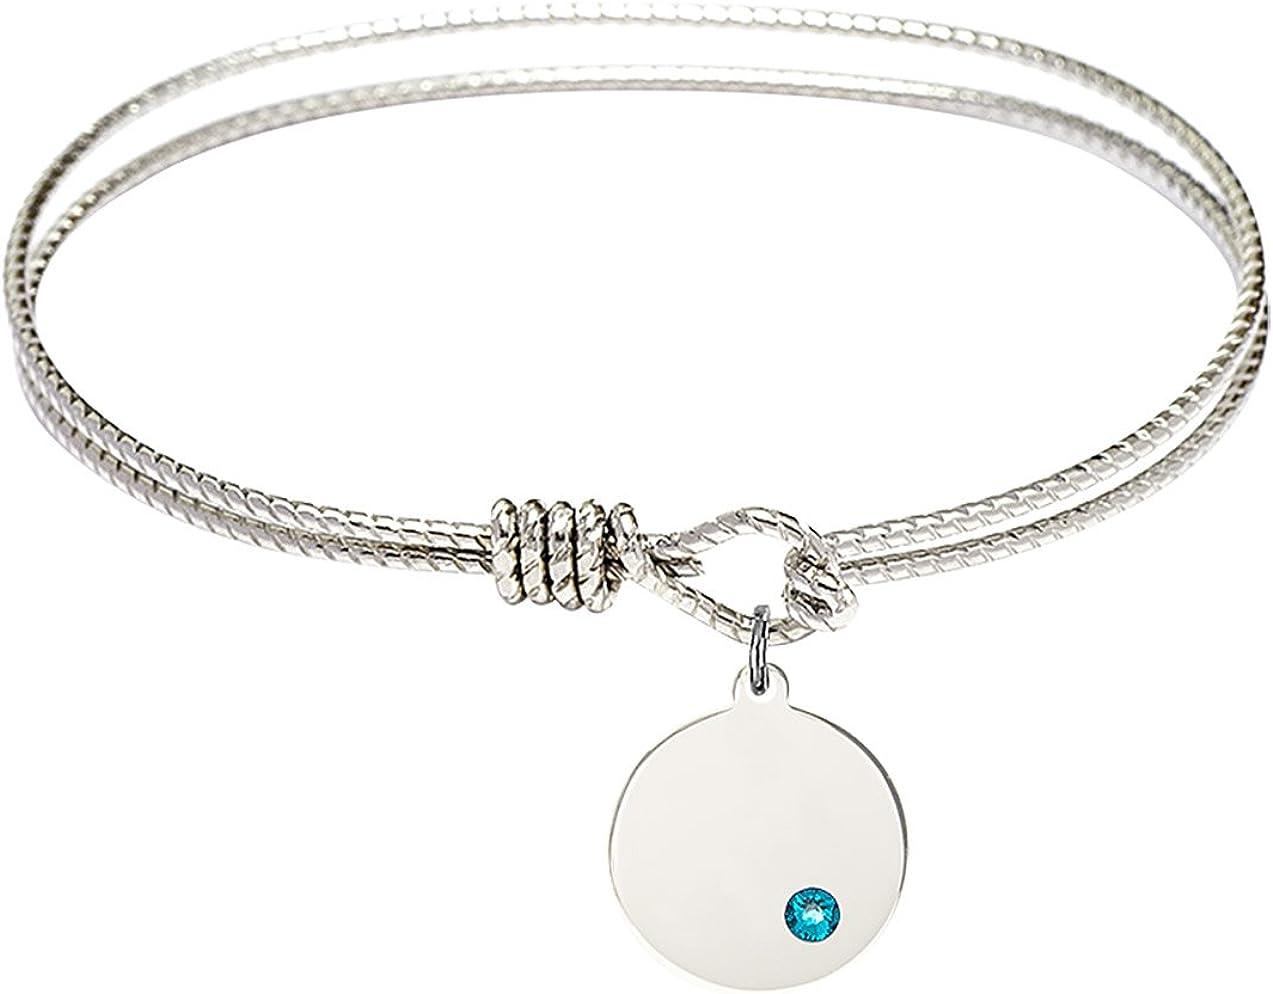 F A Dumont 7 1//4 inch Oval Eye Hook Bangle Bracelet a Loop Cross Charm.